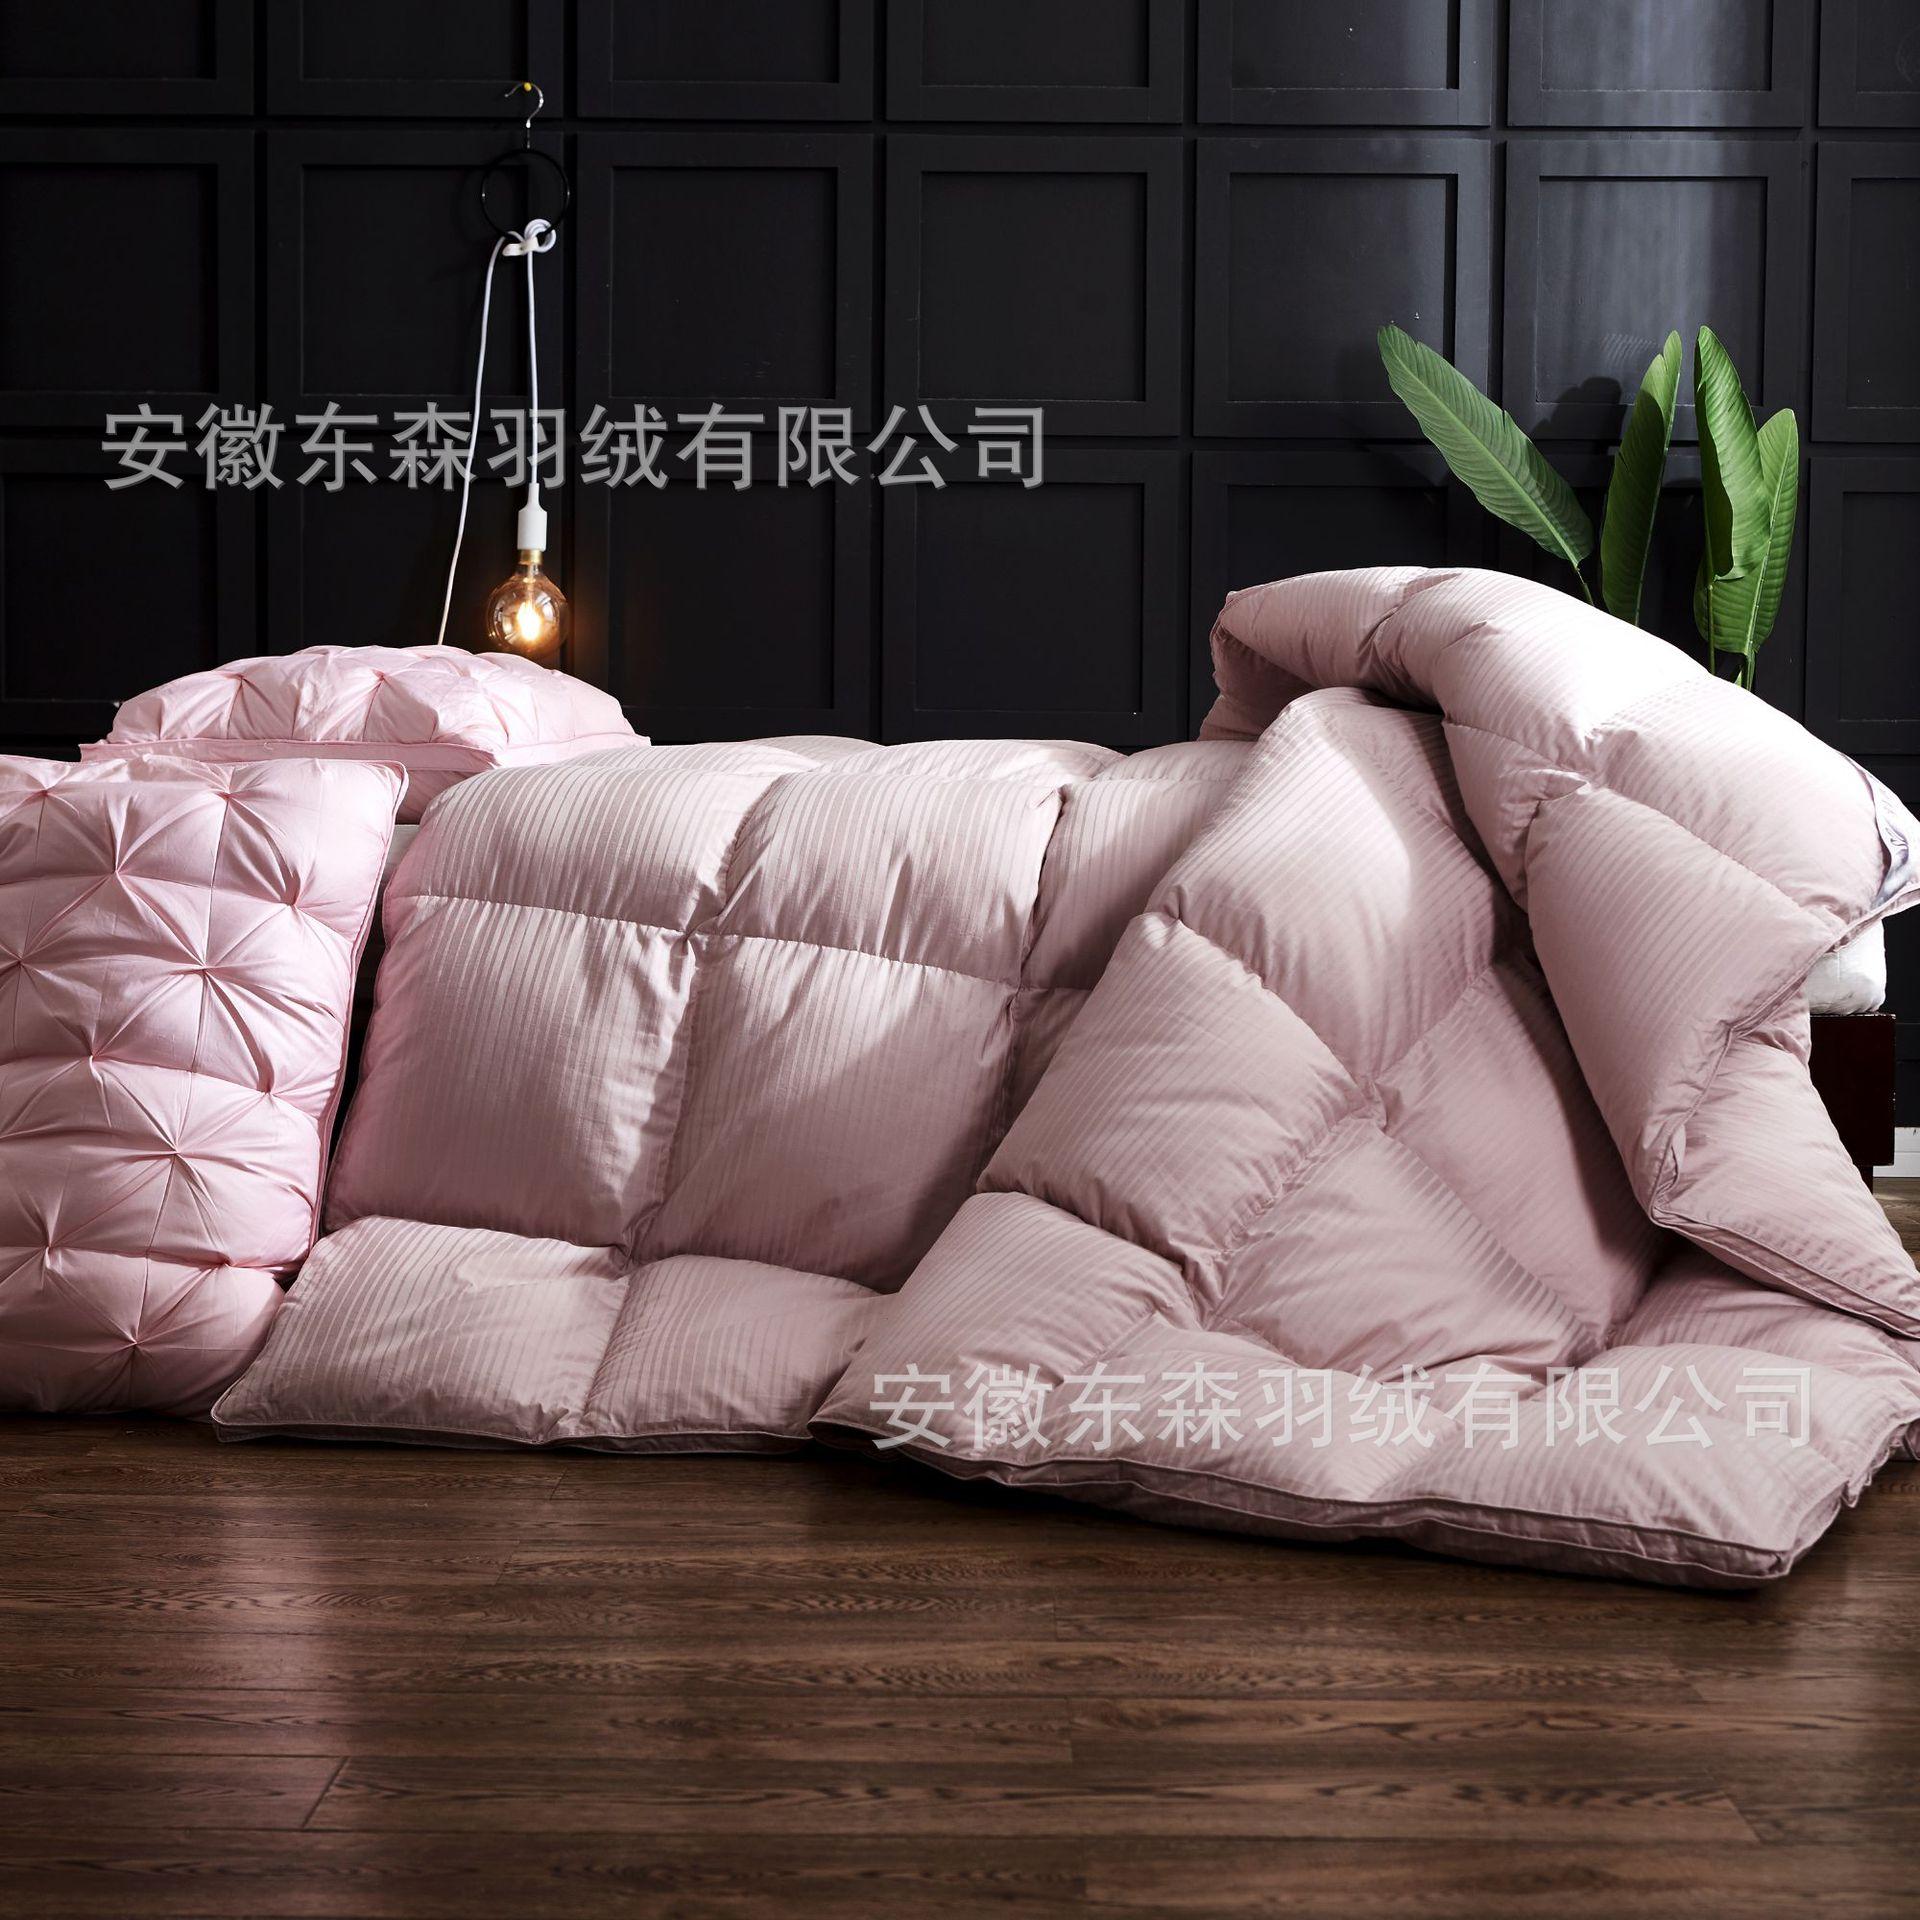 全棉羽绒被95白鹅绒加厚保暖单双人学生礼品酒店冬被被芯厂家批发